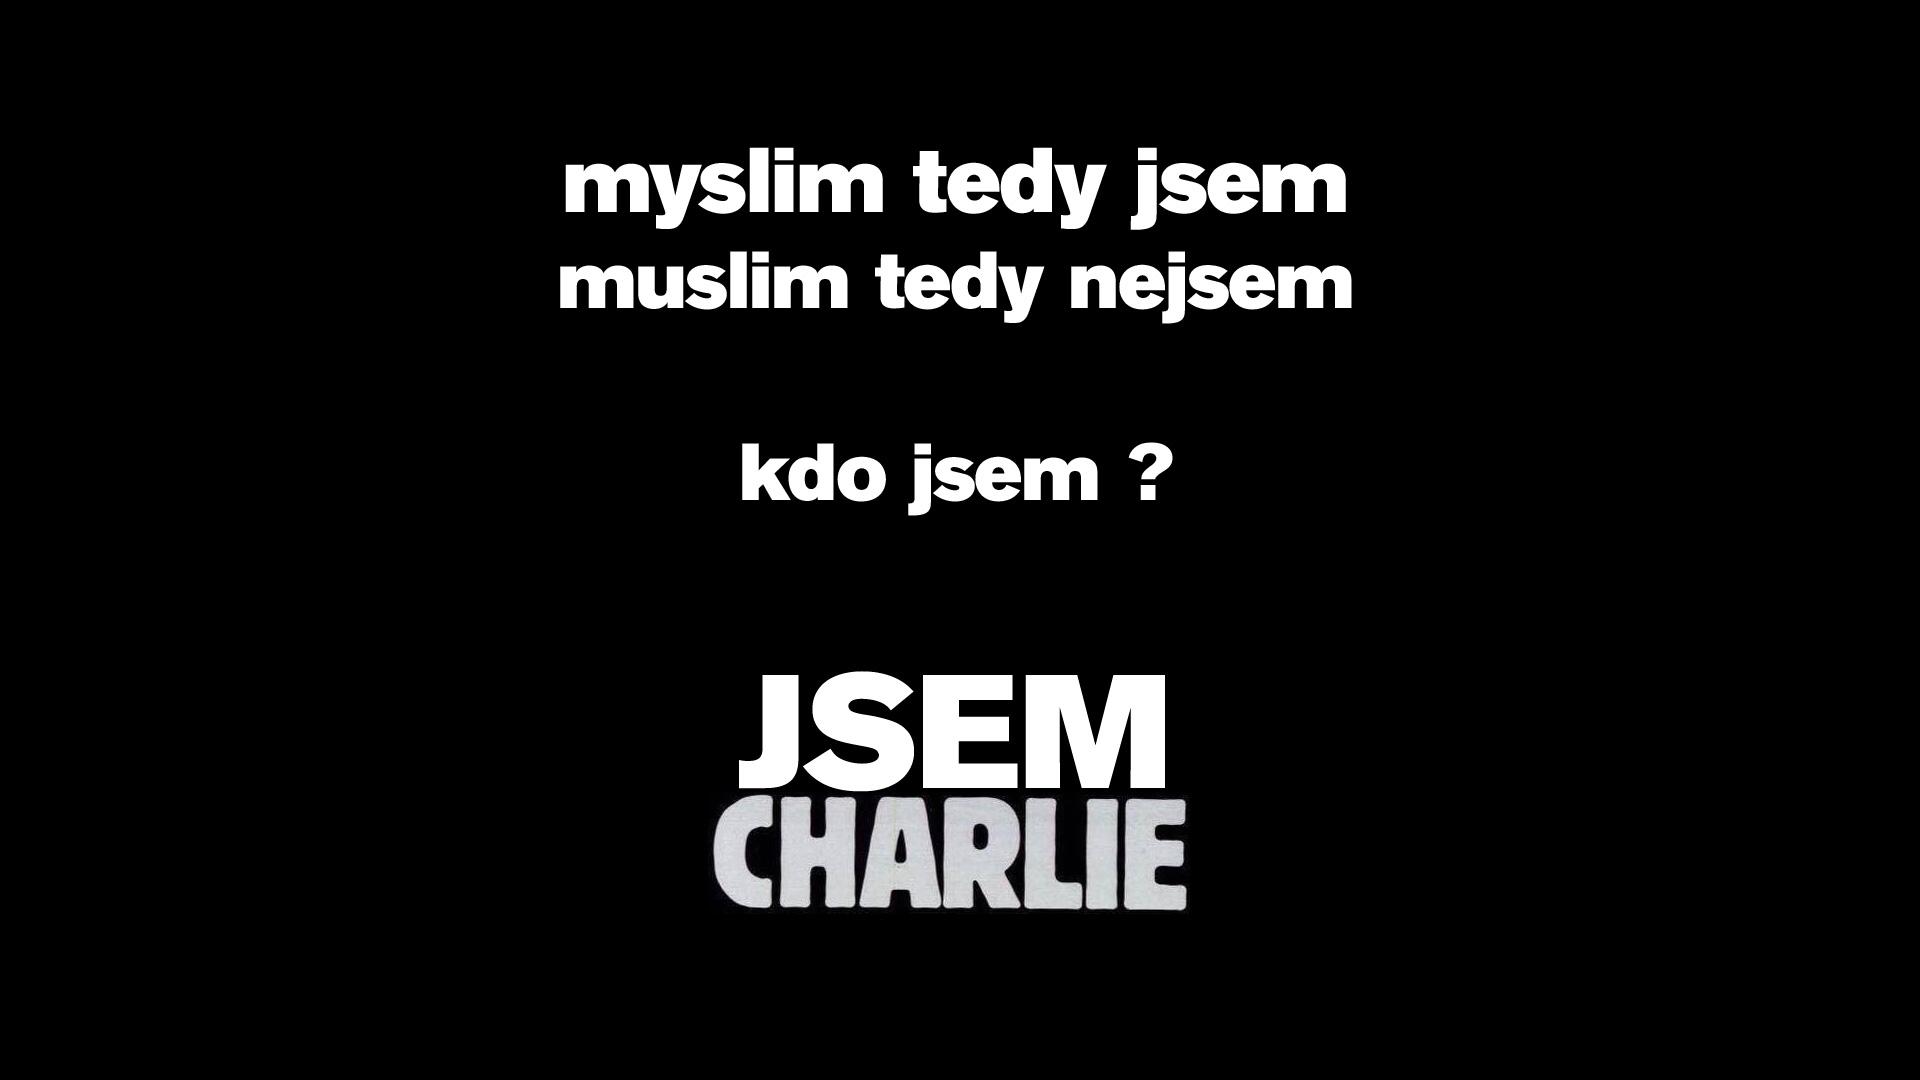 myslim tedy jsem - muslim tedy nejsem - kdo jsem ? JSEM CHARLIE